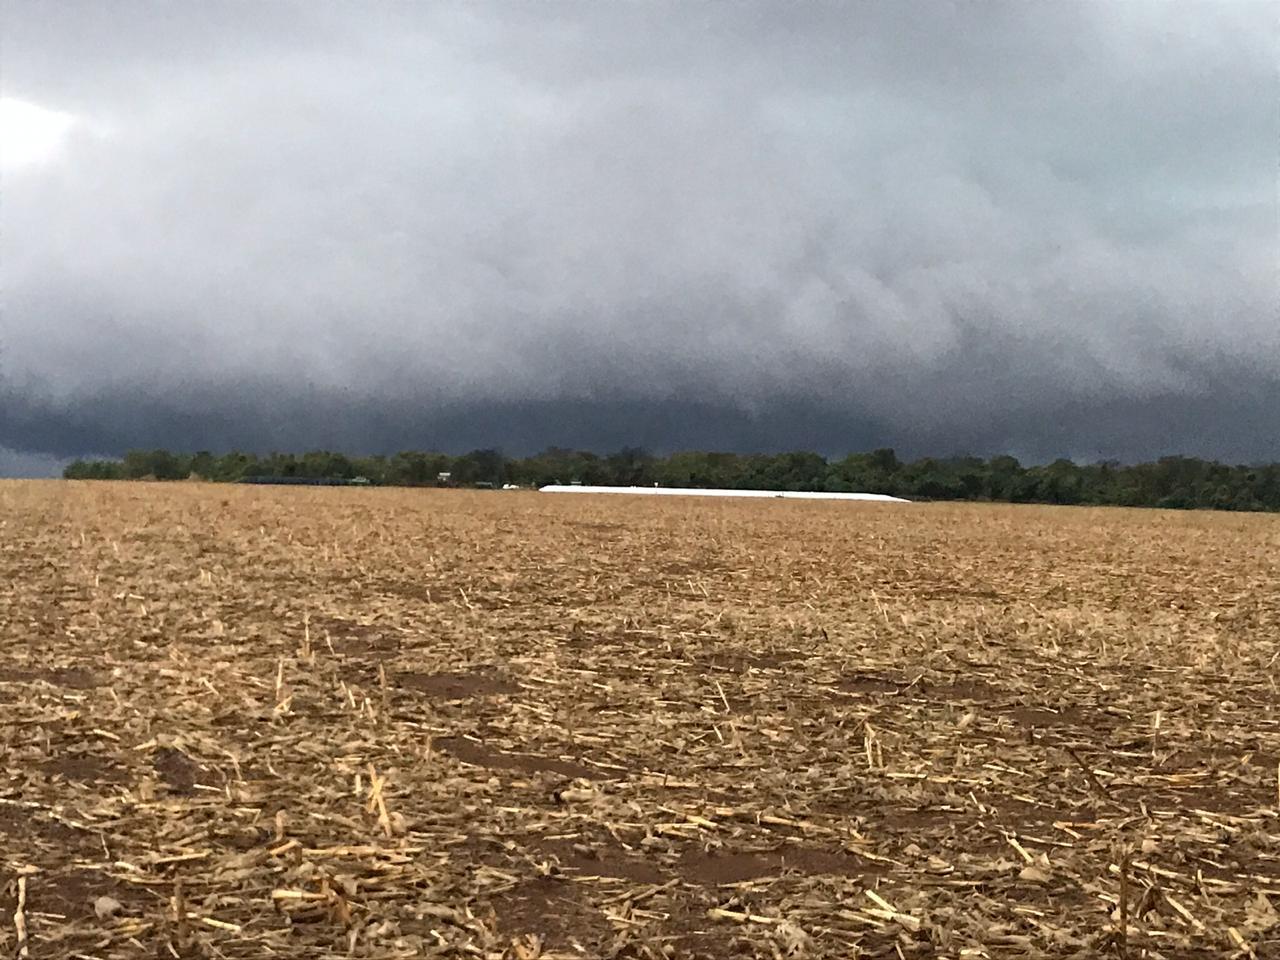 Ontem à tarde na Fazenda, 60 mm, em Rio Verde (GO). Envio de Vanderlei Secco